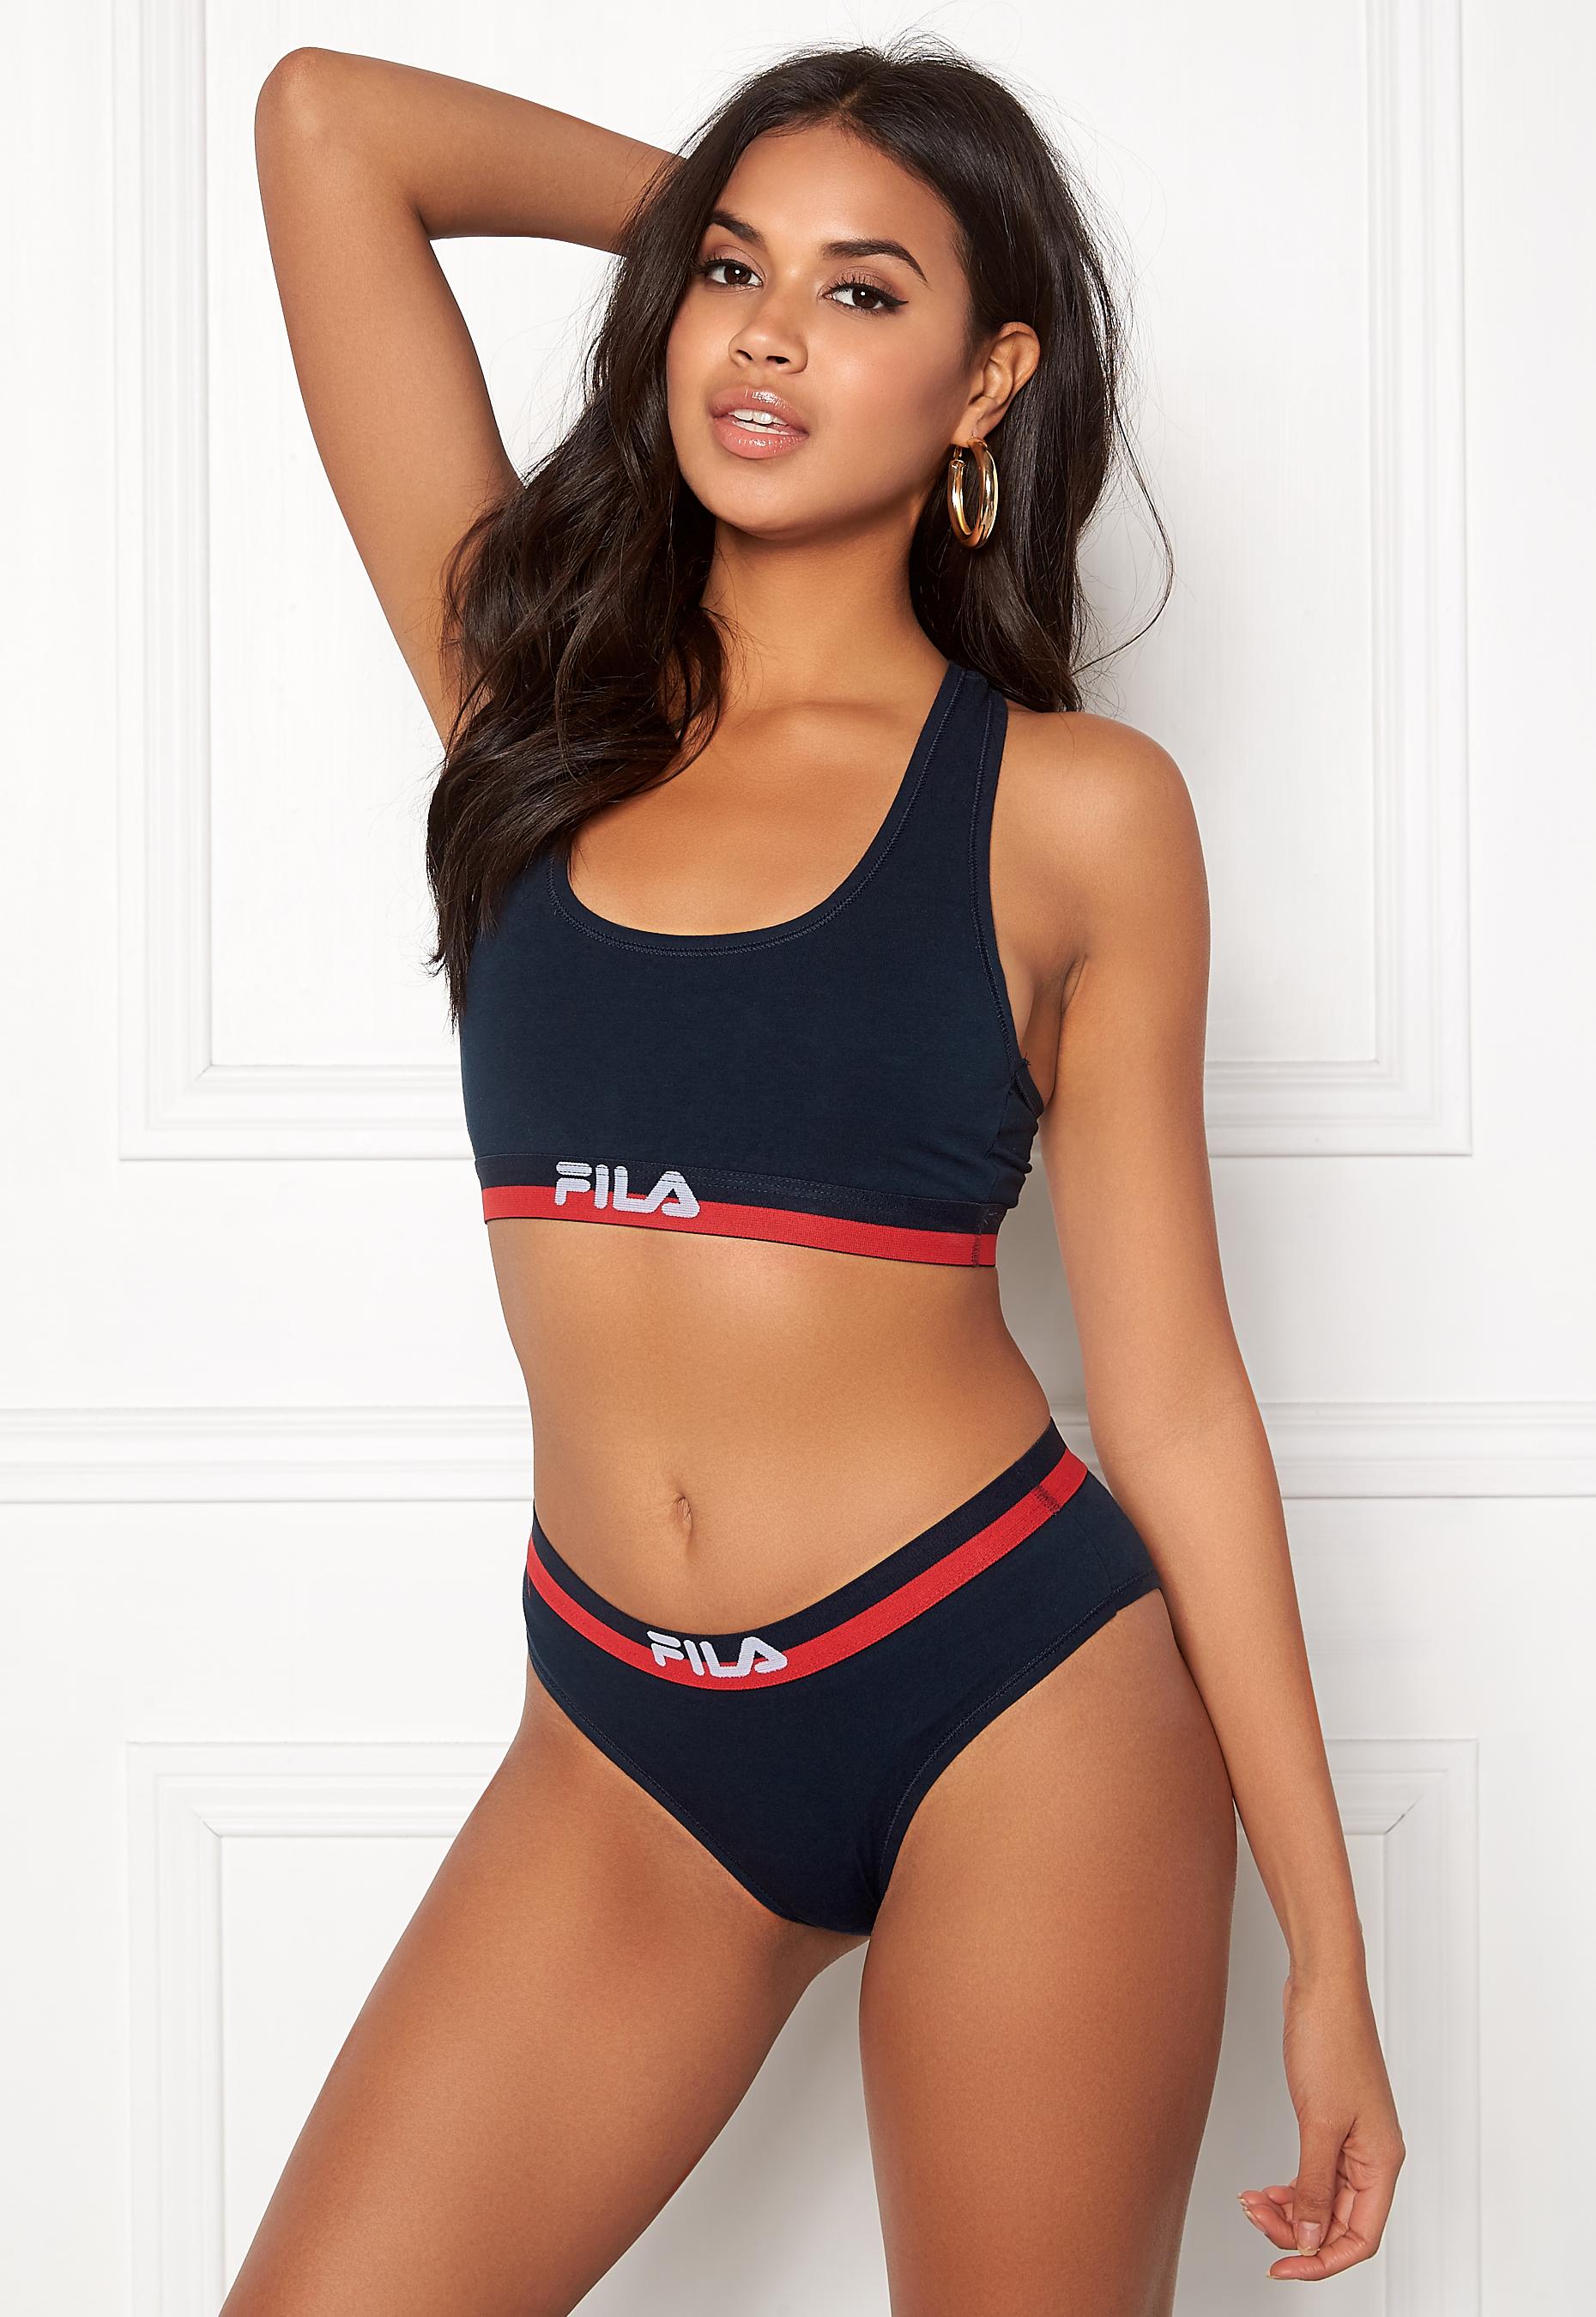 fila bikini